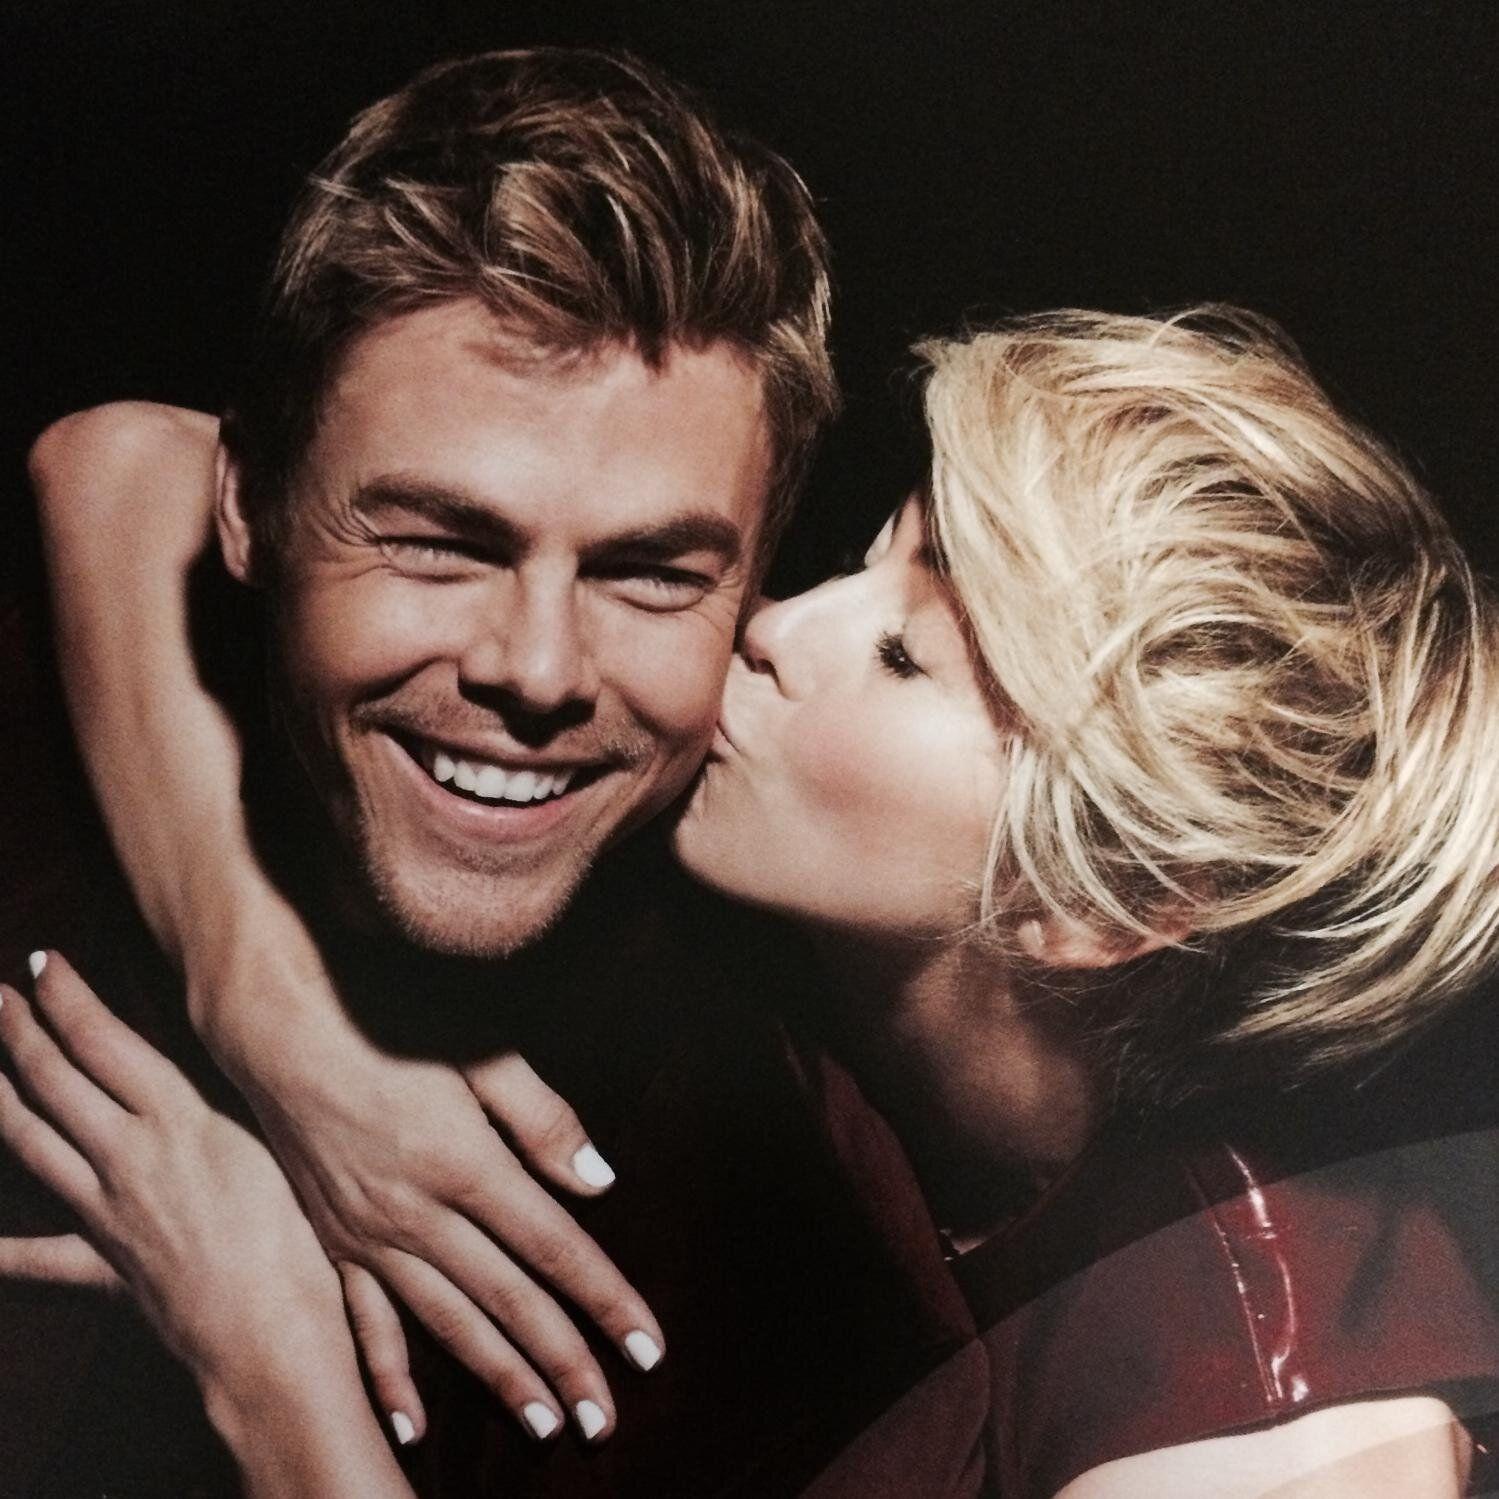 Hvem er liam fra 90210 dating i virkeligheden